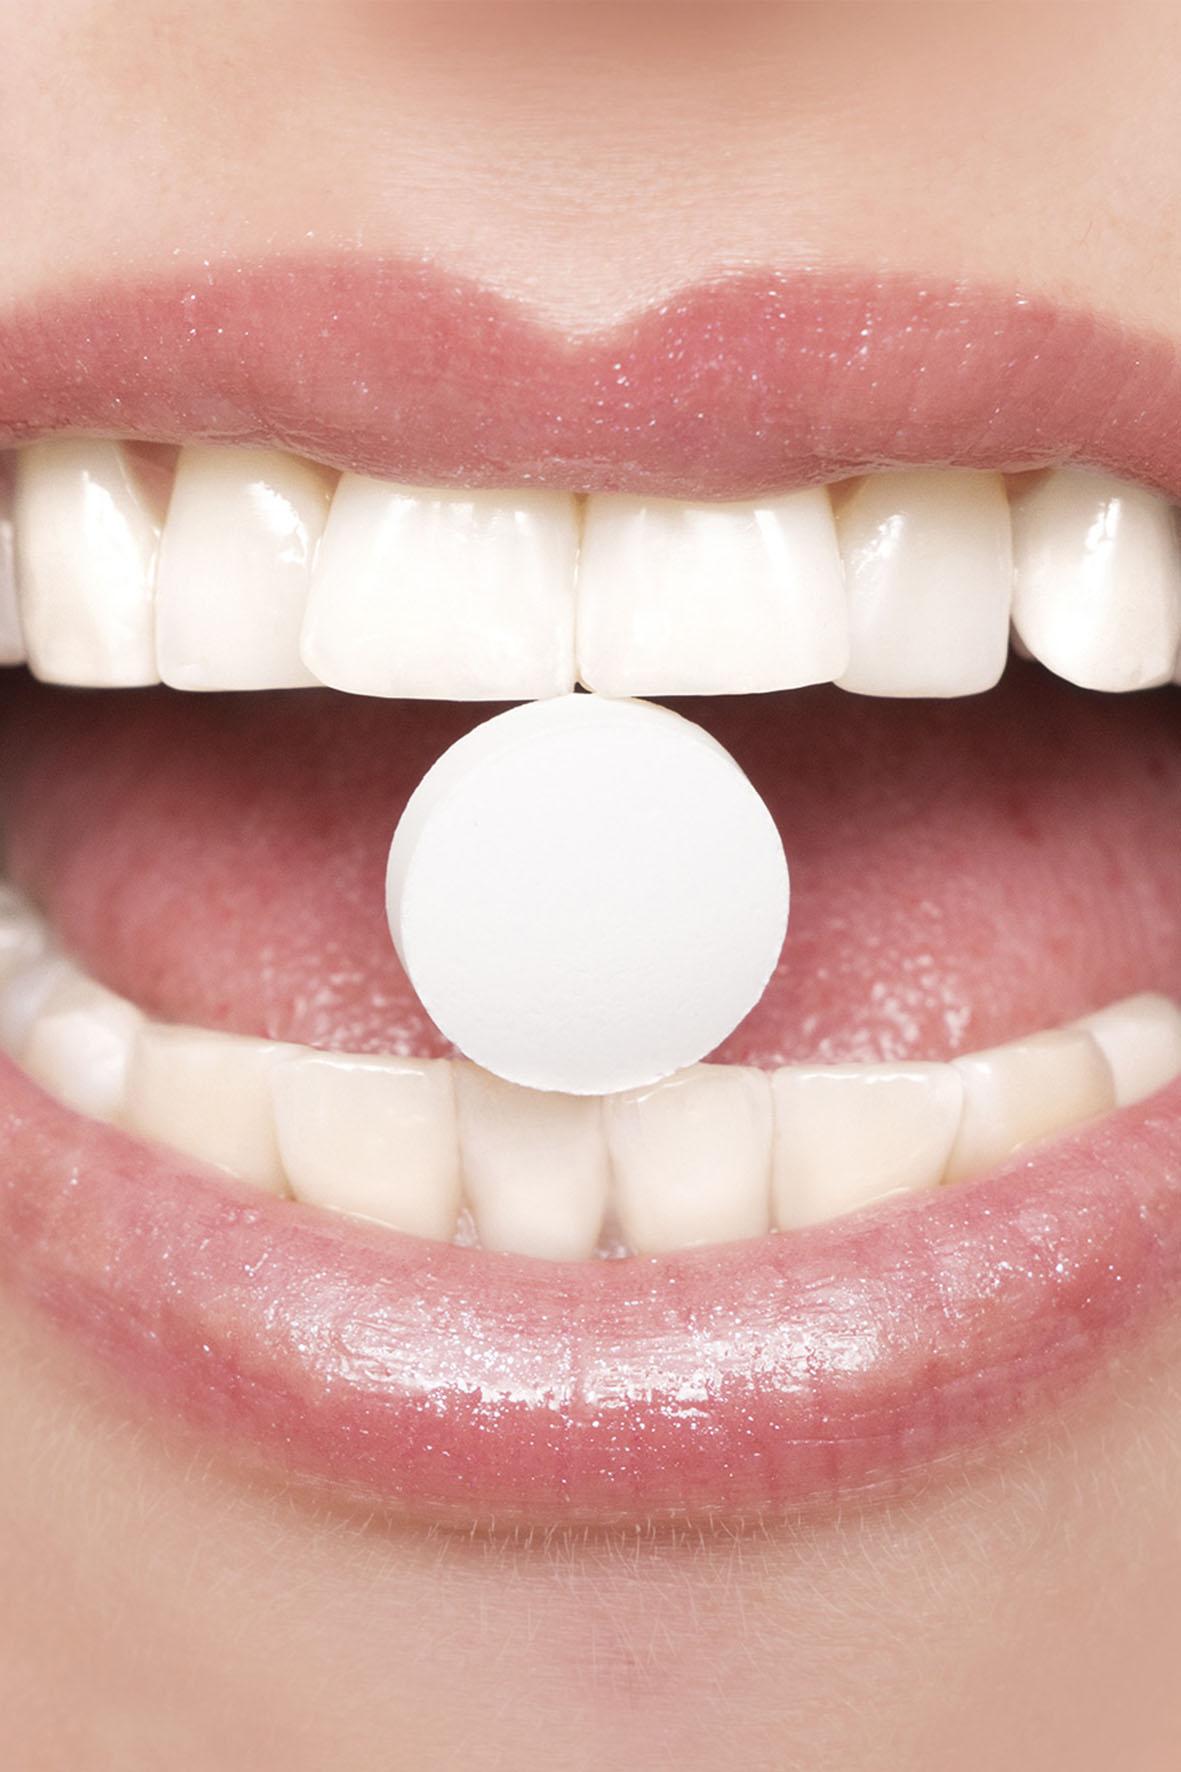 Eine gesunde Mundflora wirkt unterstützend für das Verdauungs- und Immunsystem.